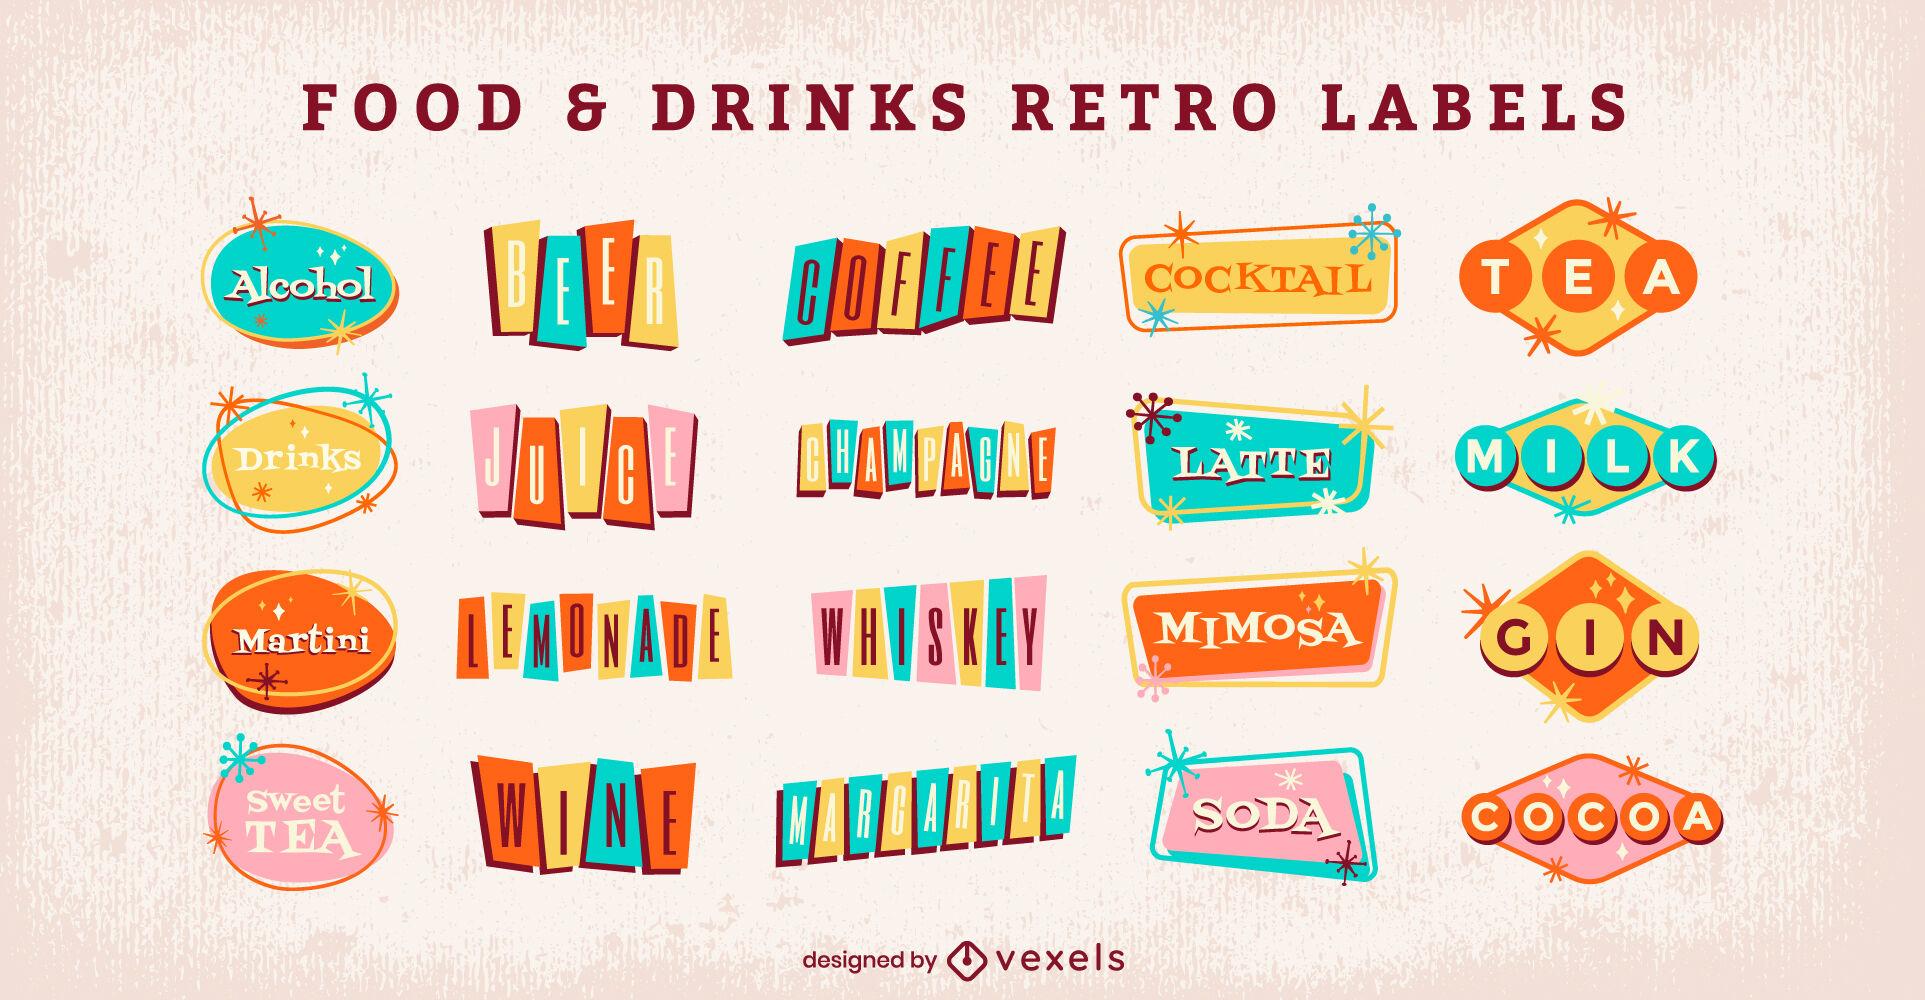 Conjunto de etiquetas retro de bebidas alcohólicas de los años 60.